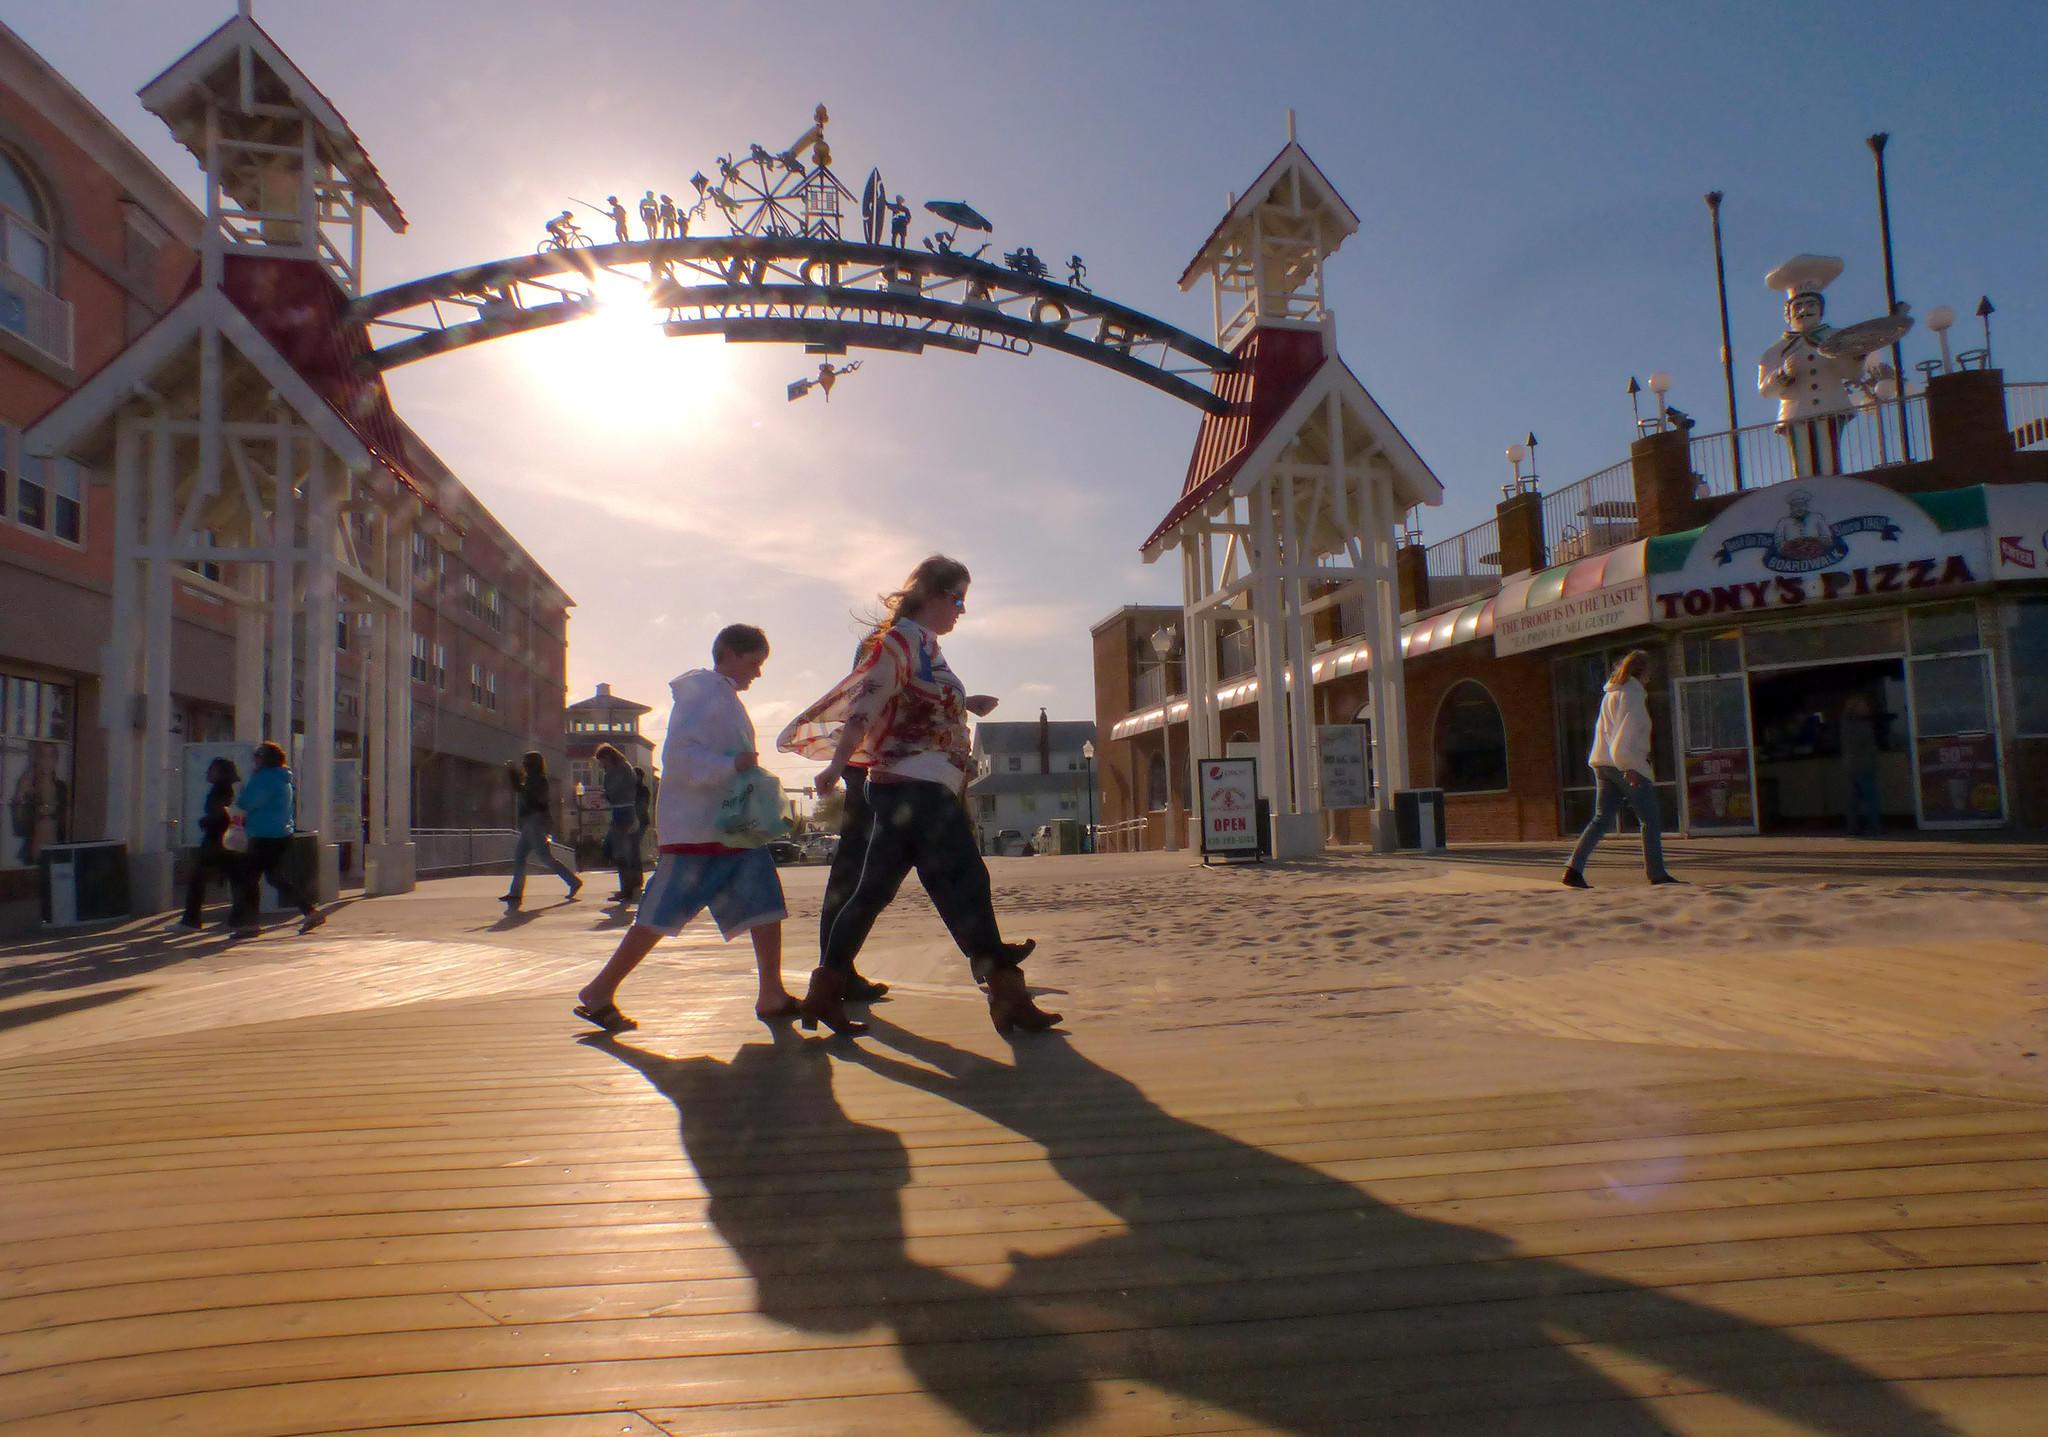 Pole dancer enlivens Ocean City Boardwalk, riles many